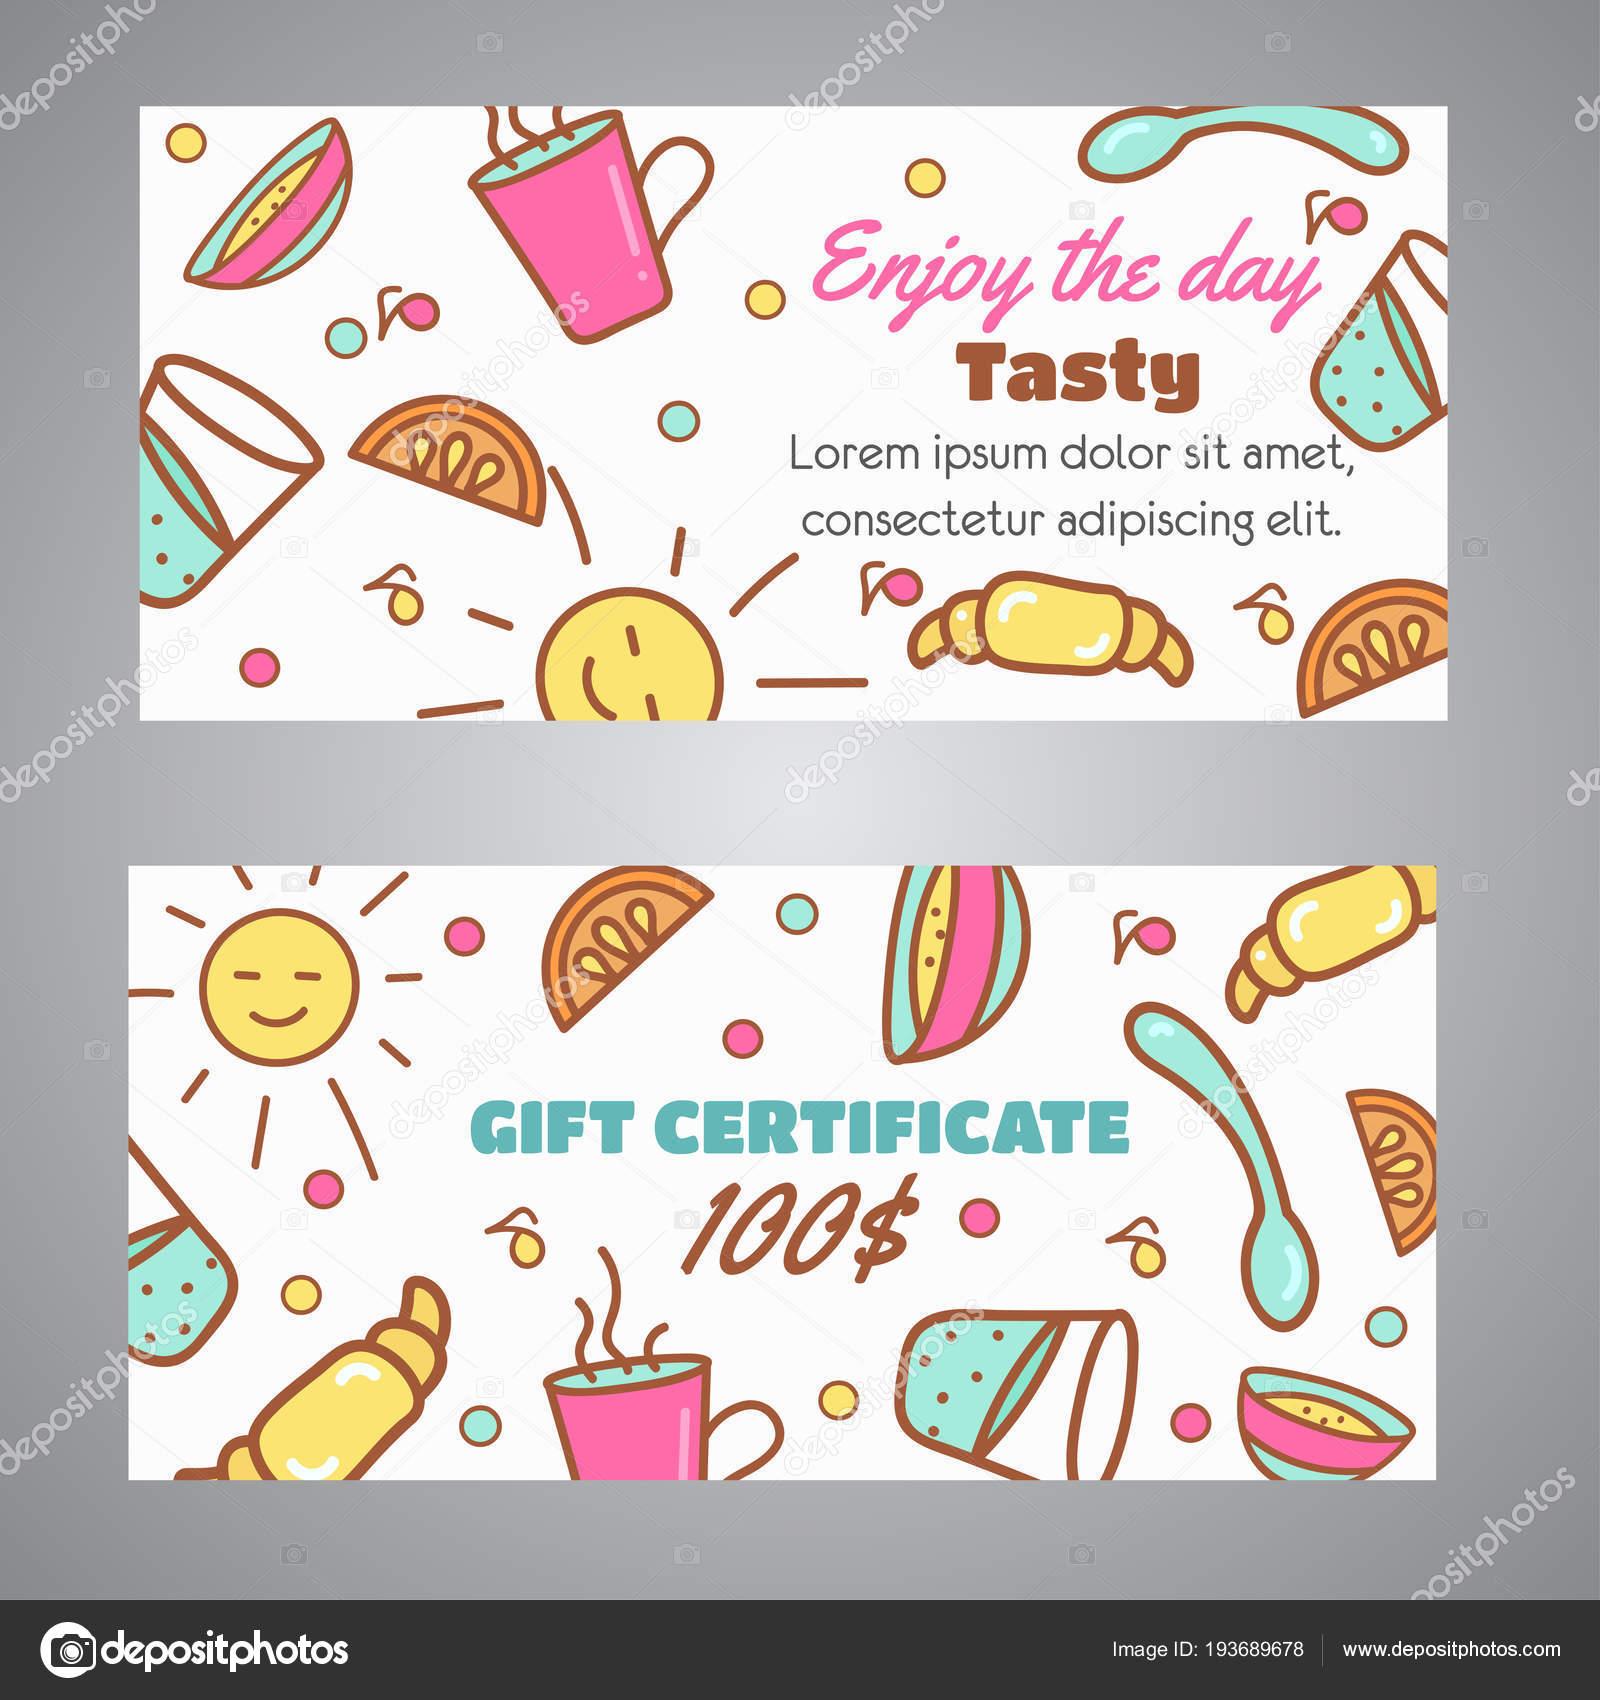 Appreciez Le Slogan De La Journee Cafe Carte Visite Pour Concept Boulangerie Bon Et The Vecteur Design Icones Ligne Illustration